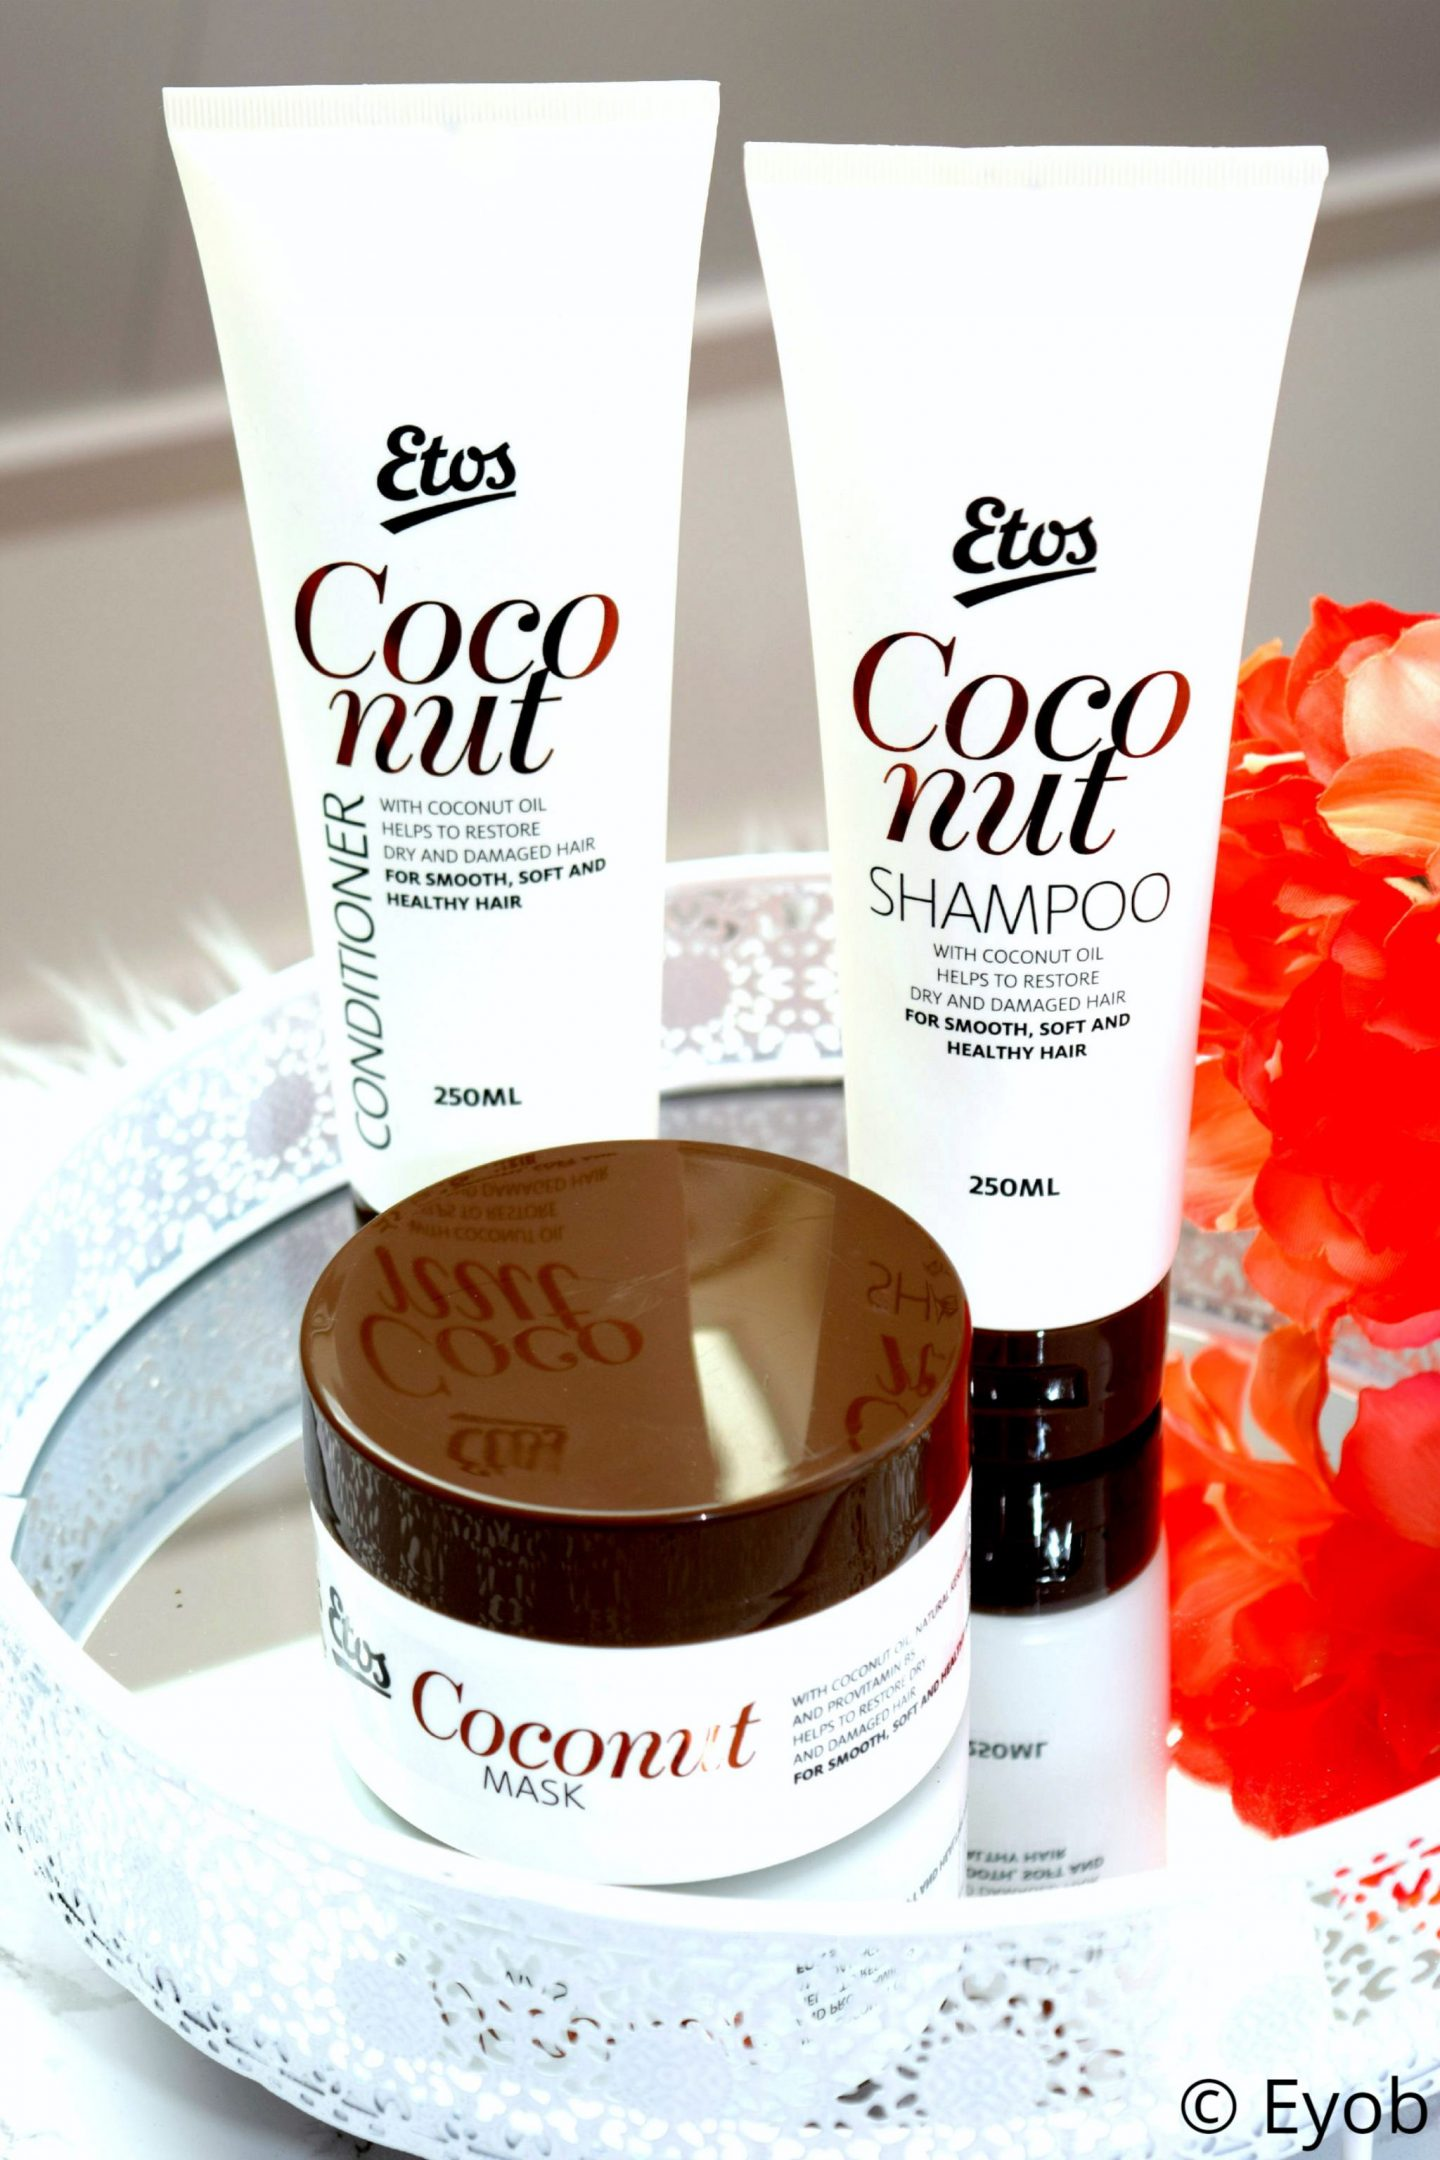 Coconut verzorging – Etos